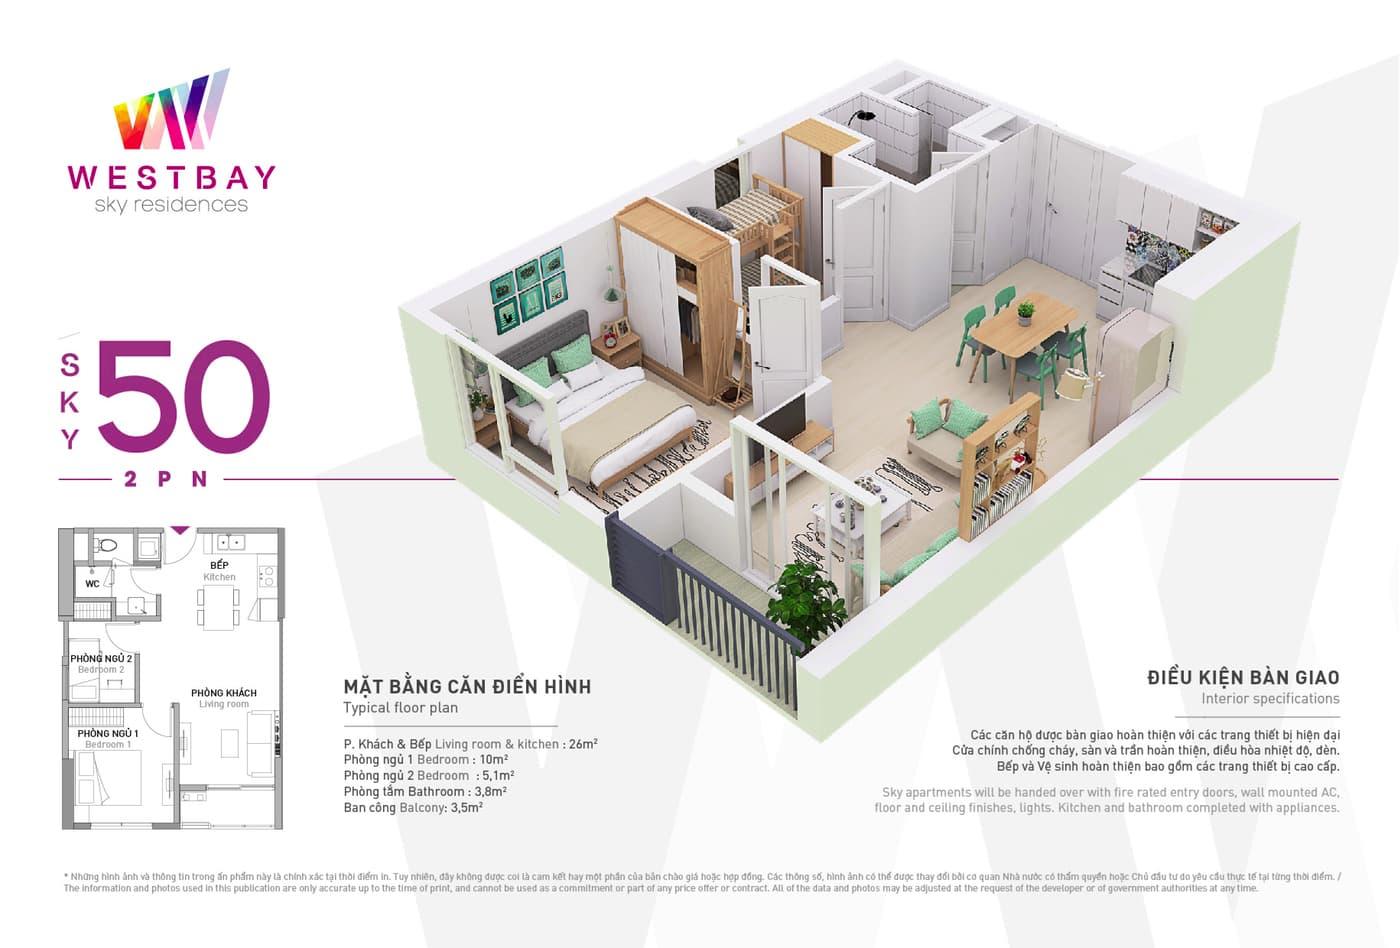 Mặt bằng căn hộ chung cư Westbay Ecopark - 50m2